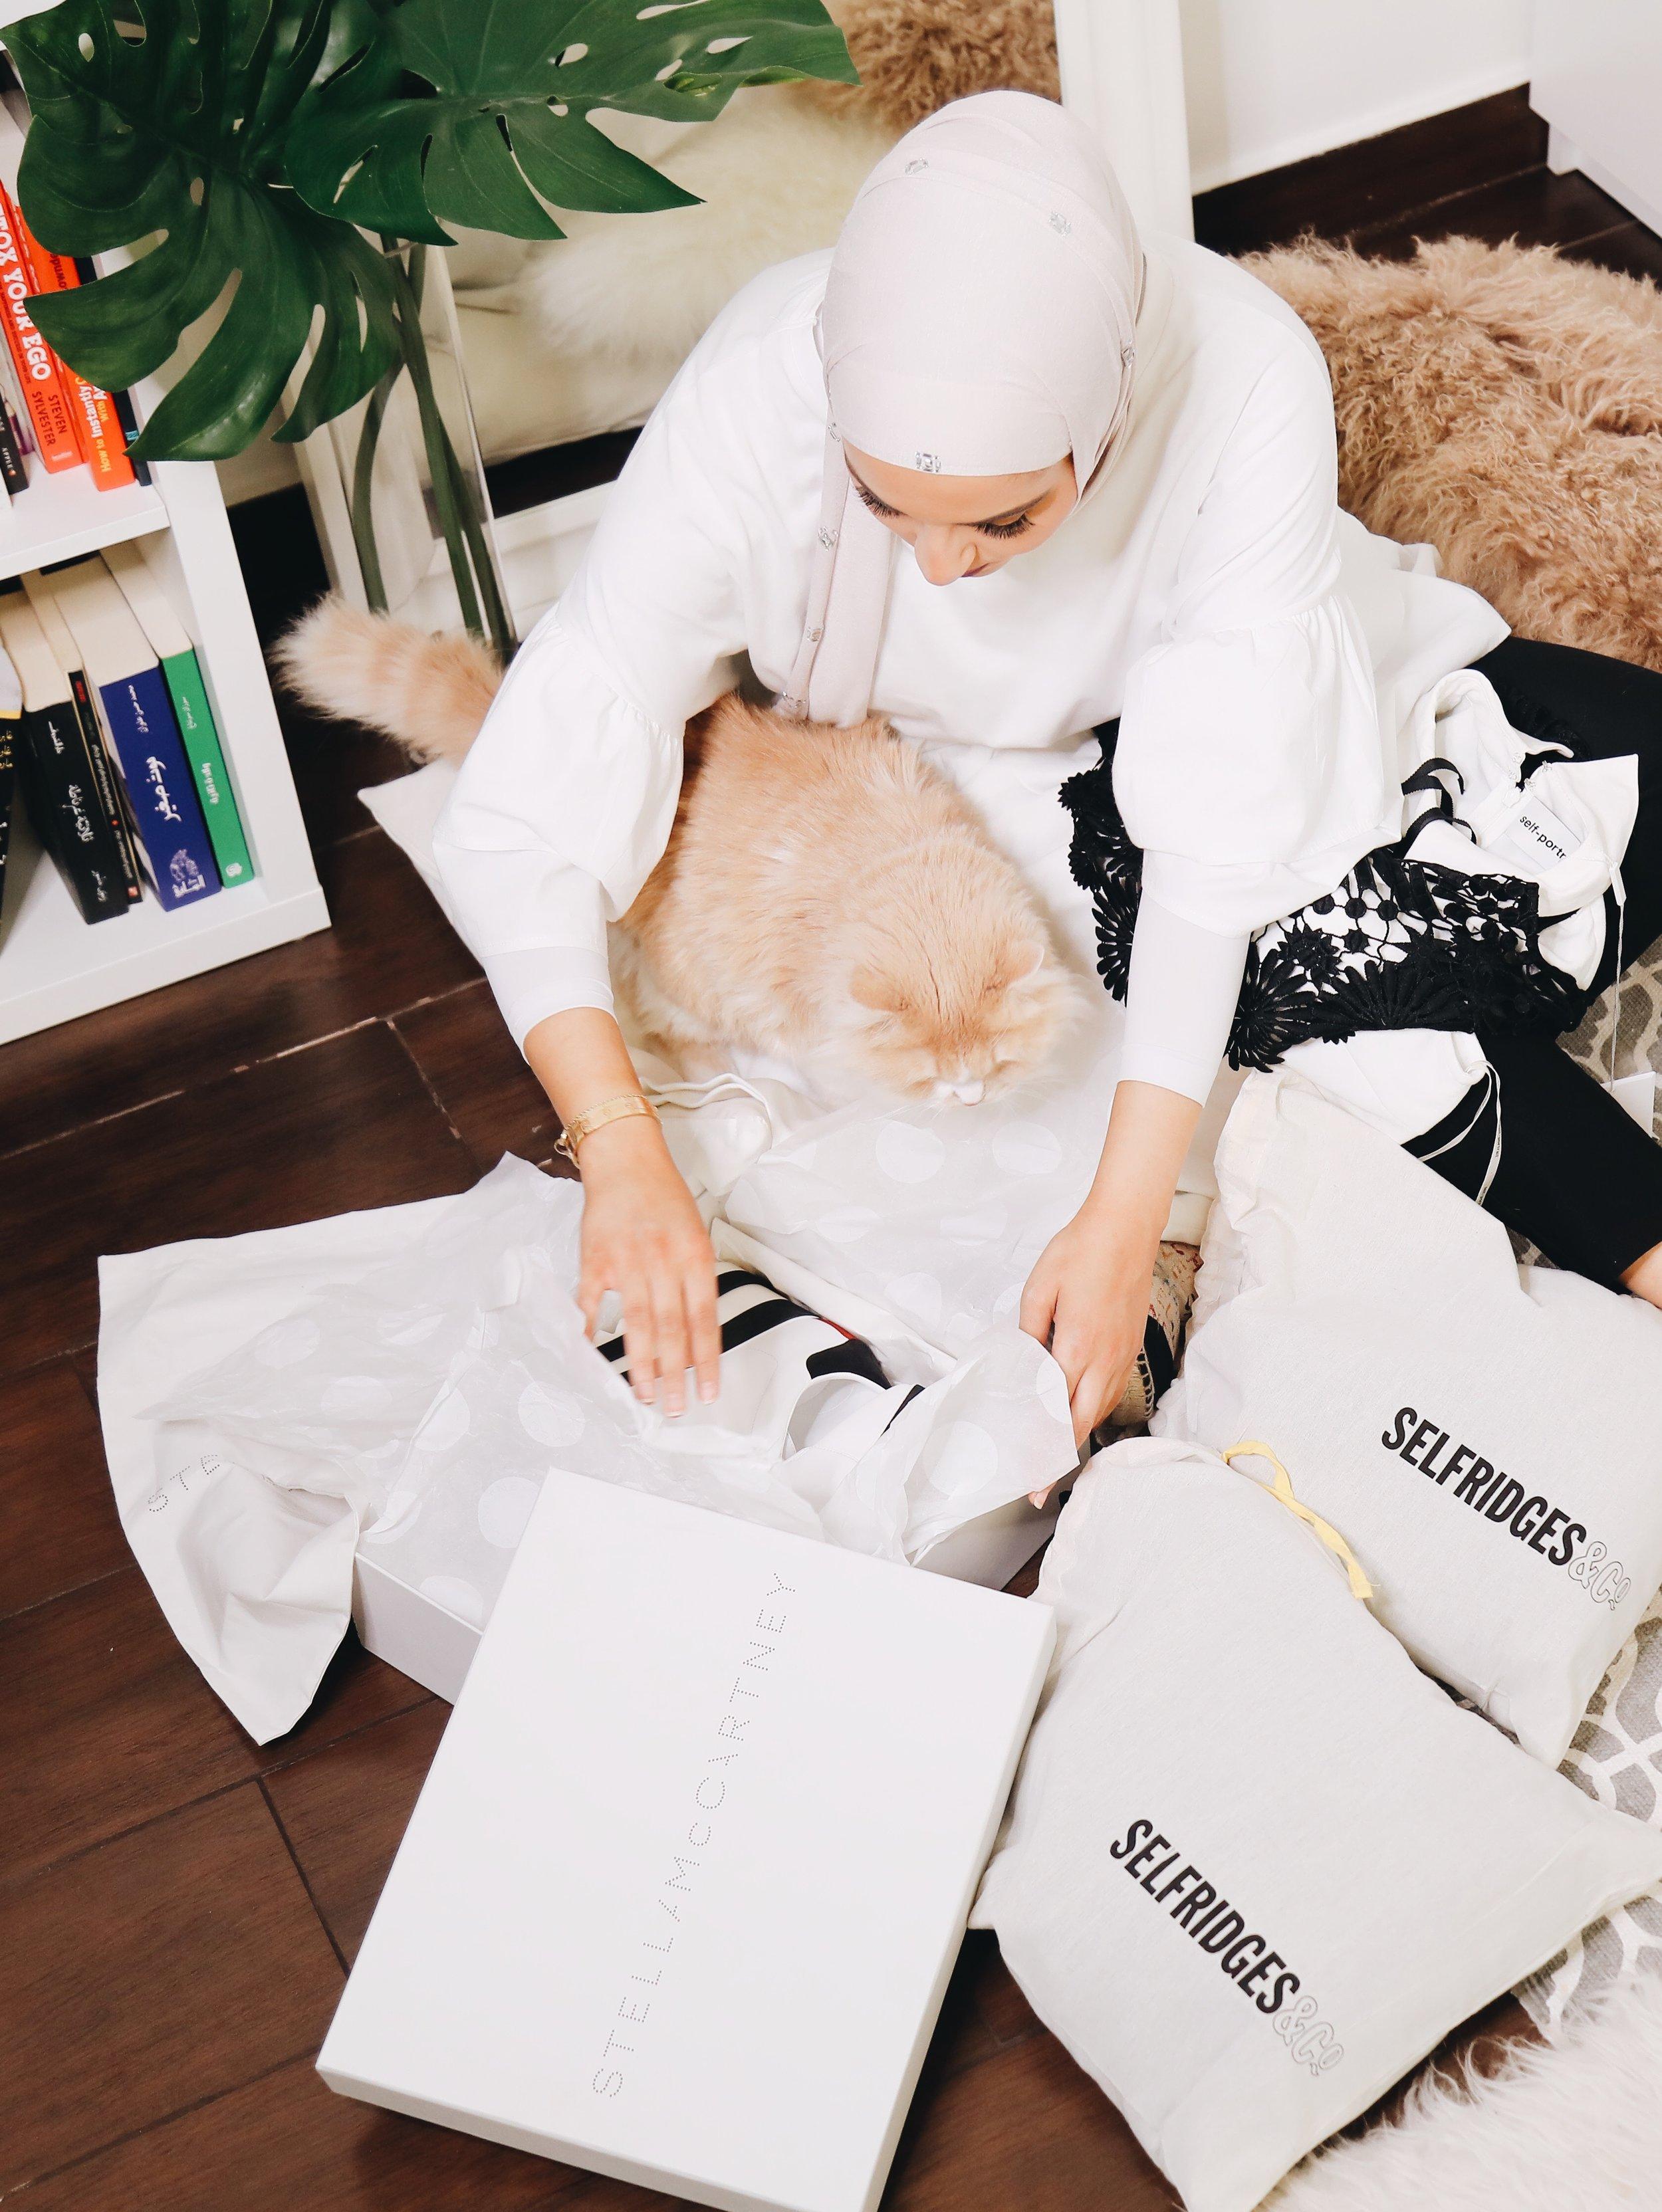 Selfridges online shopping